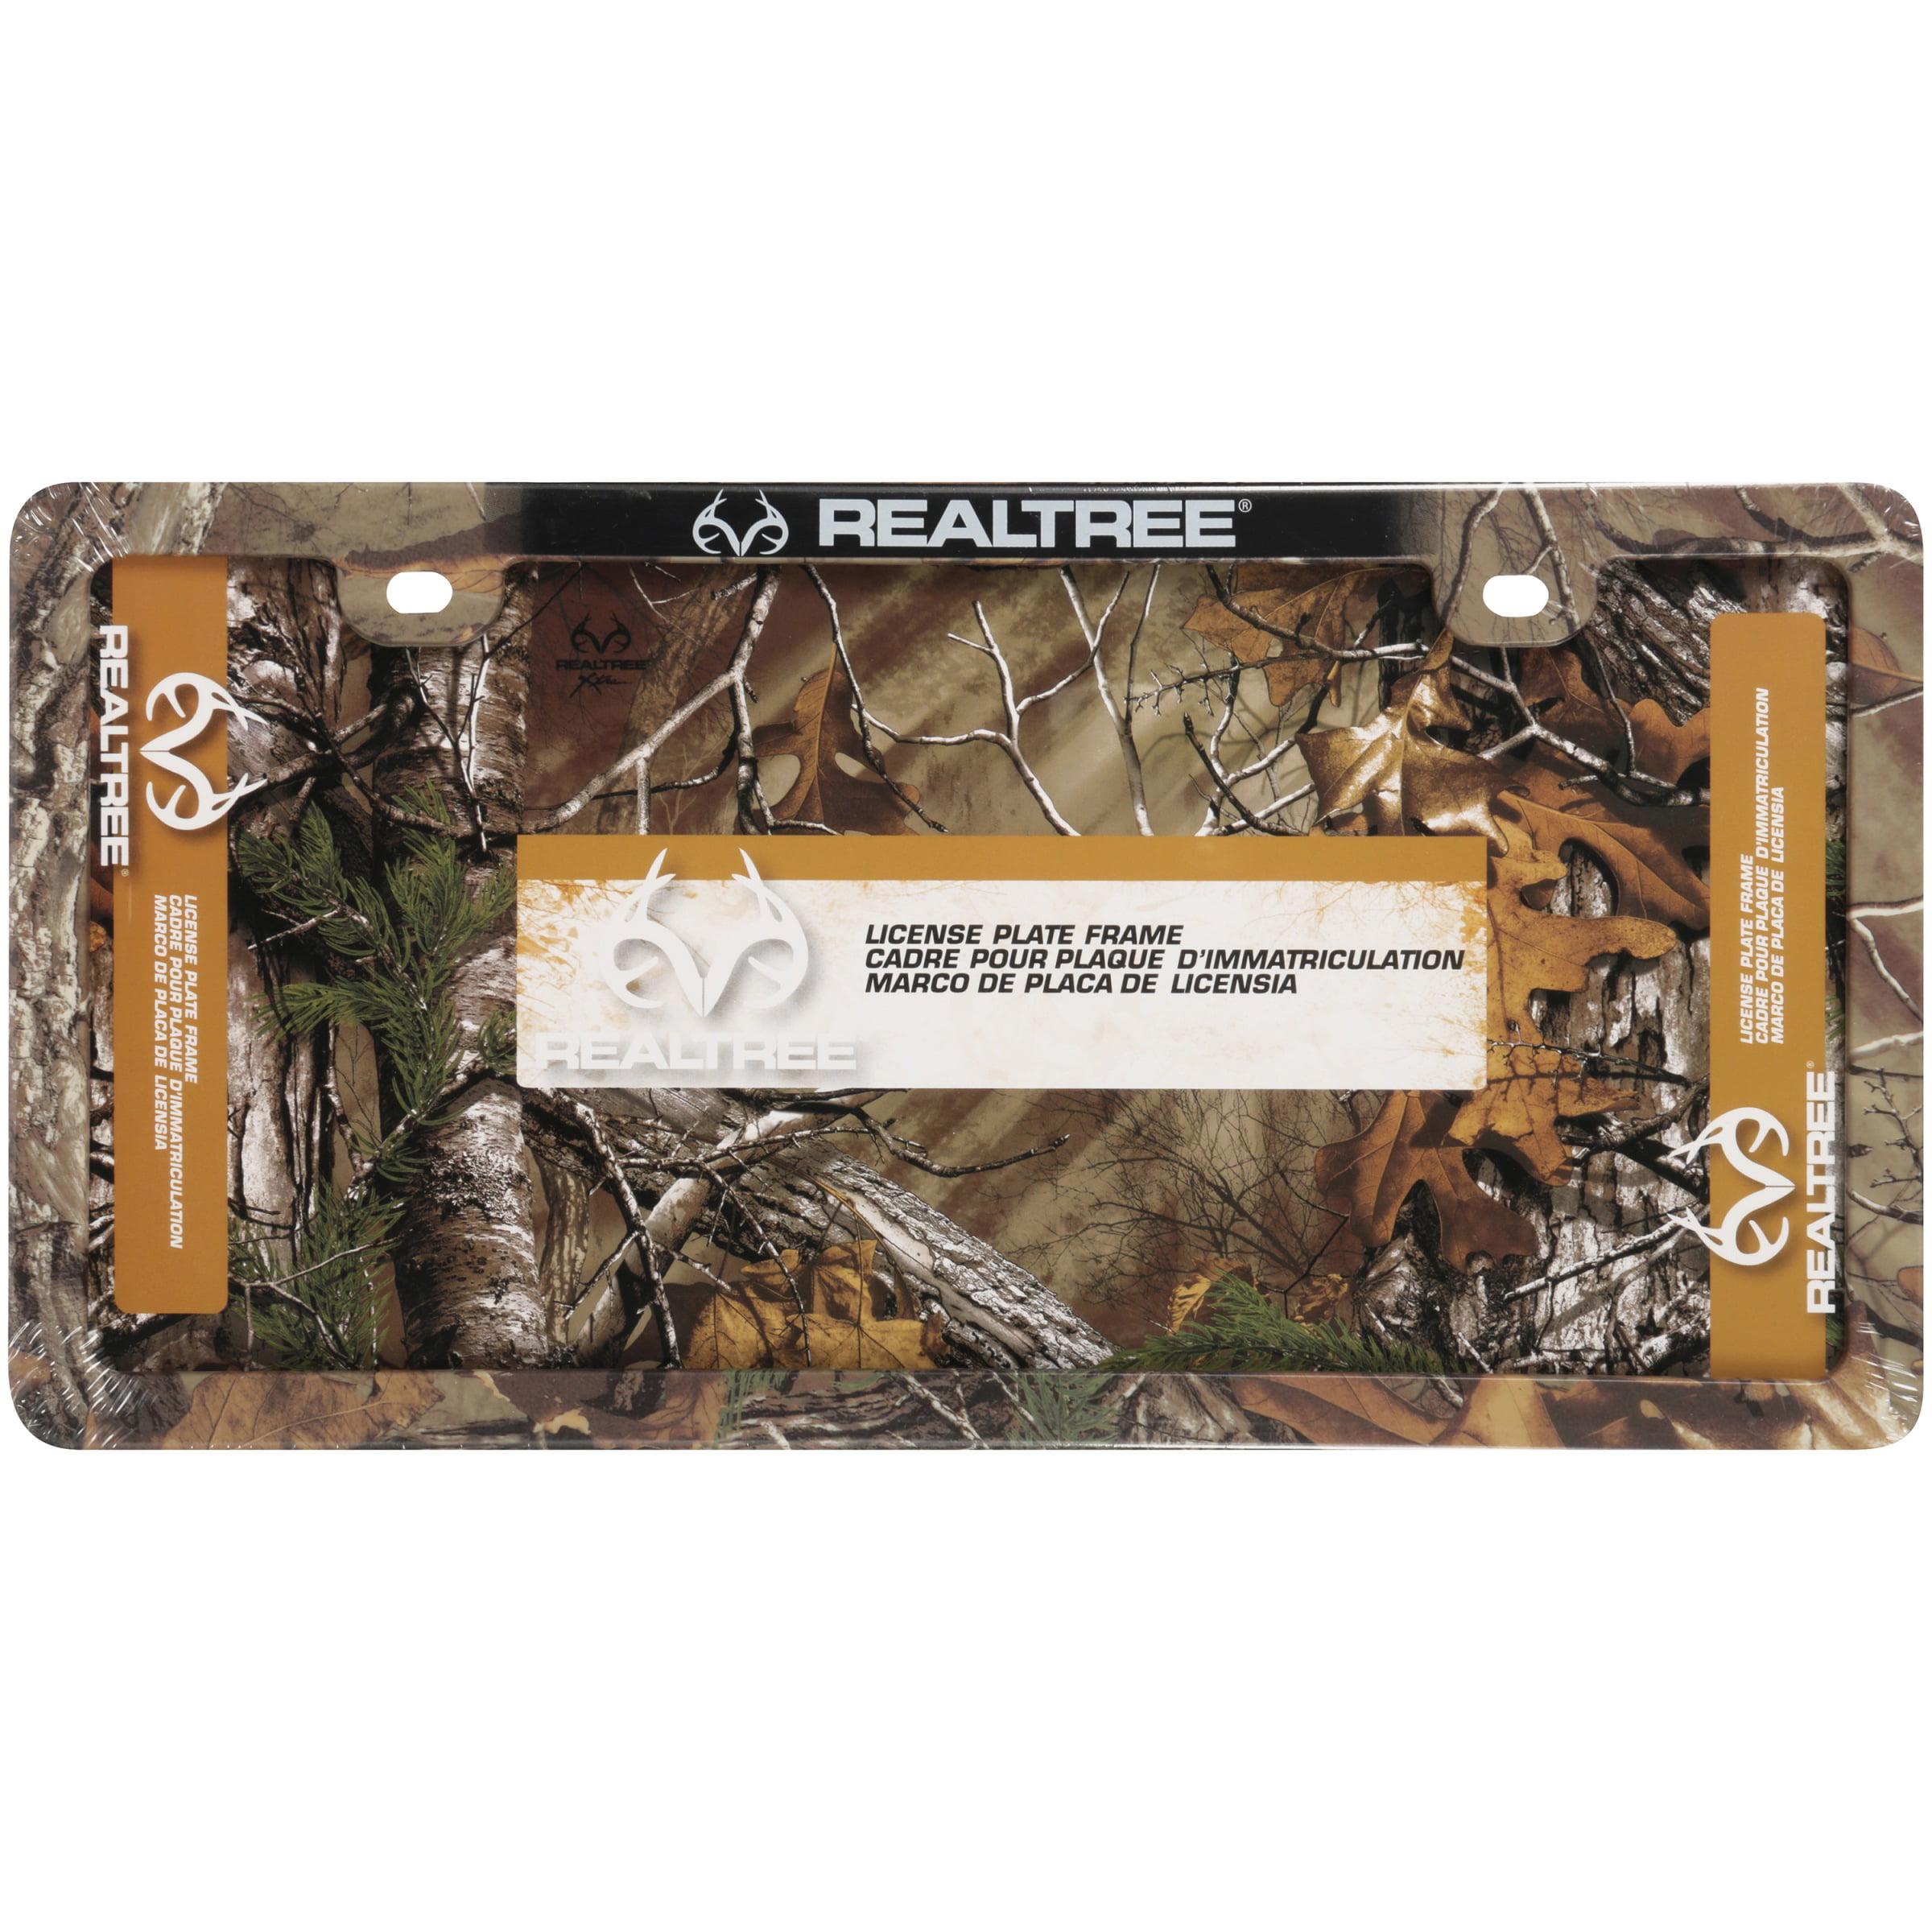 Realtree Xtra Camo License Plate Frame - Walmart.com